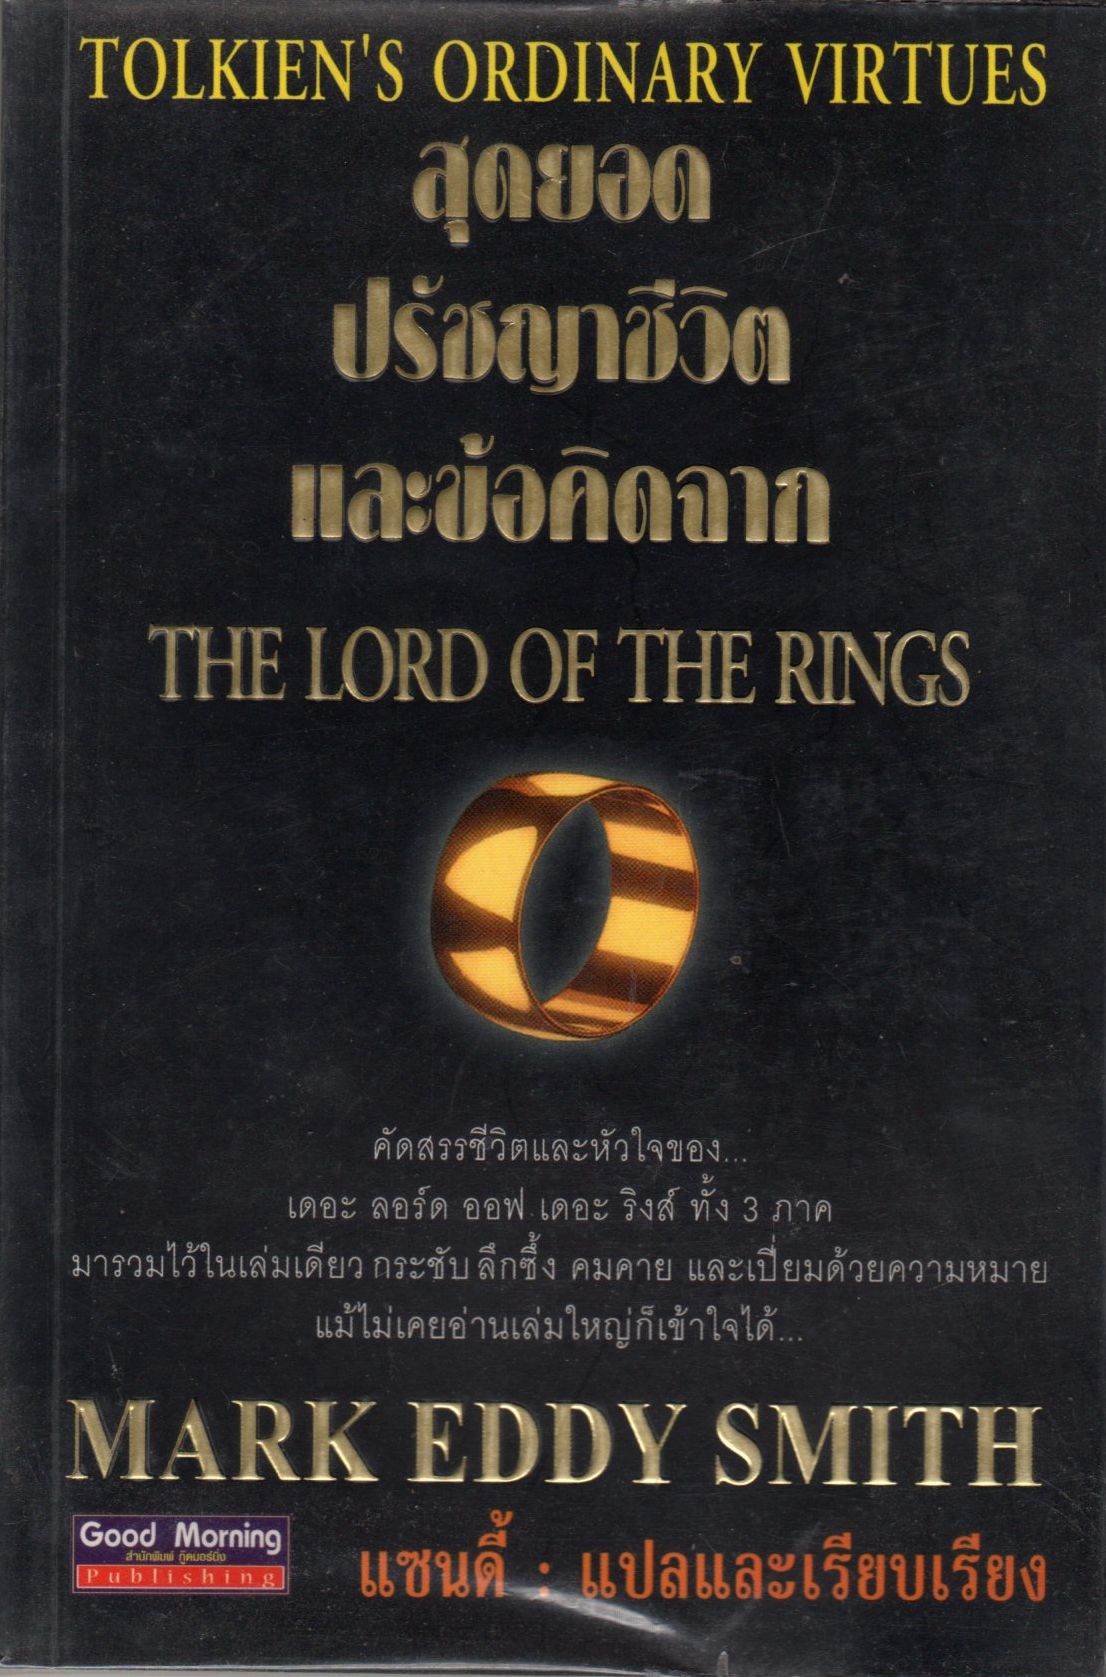 สุดยอดปรัชญาชีวิตและคิดจาก The Lord of The Lings